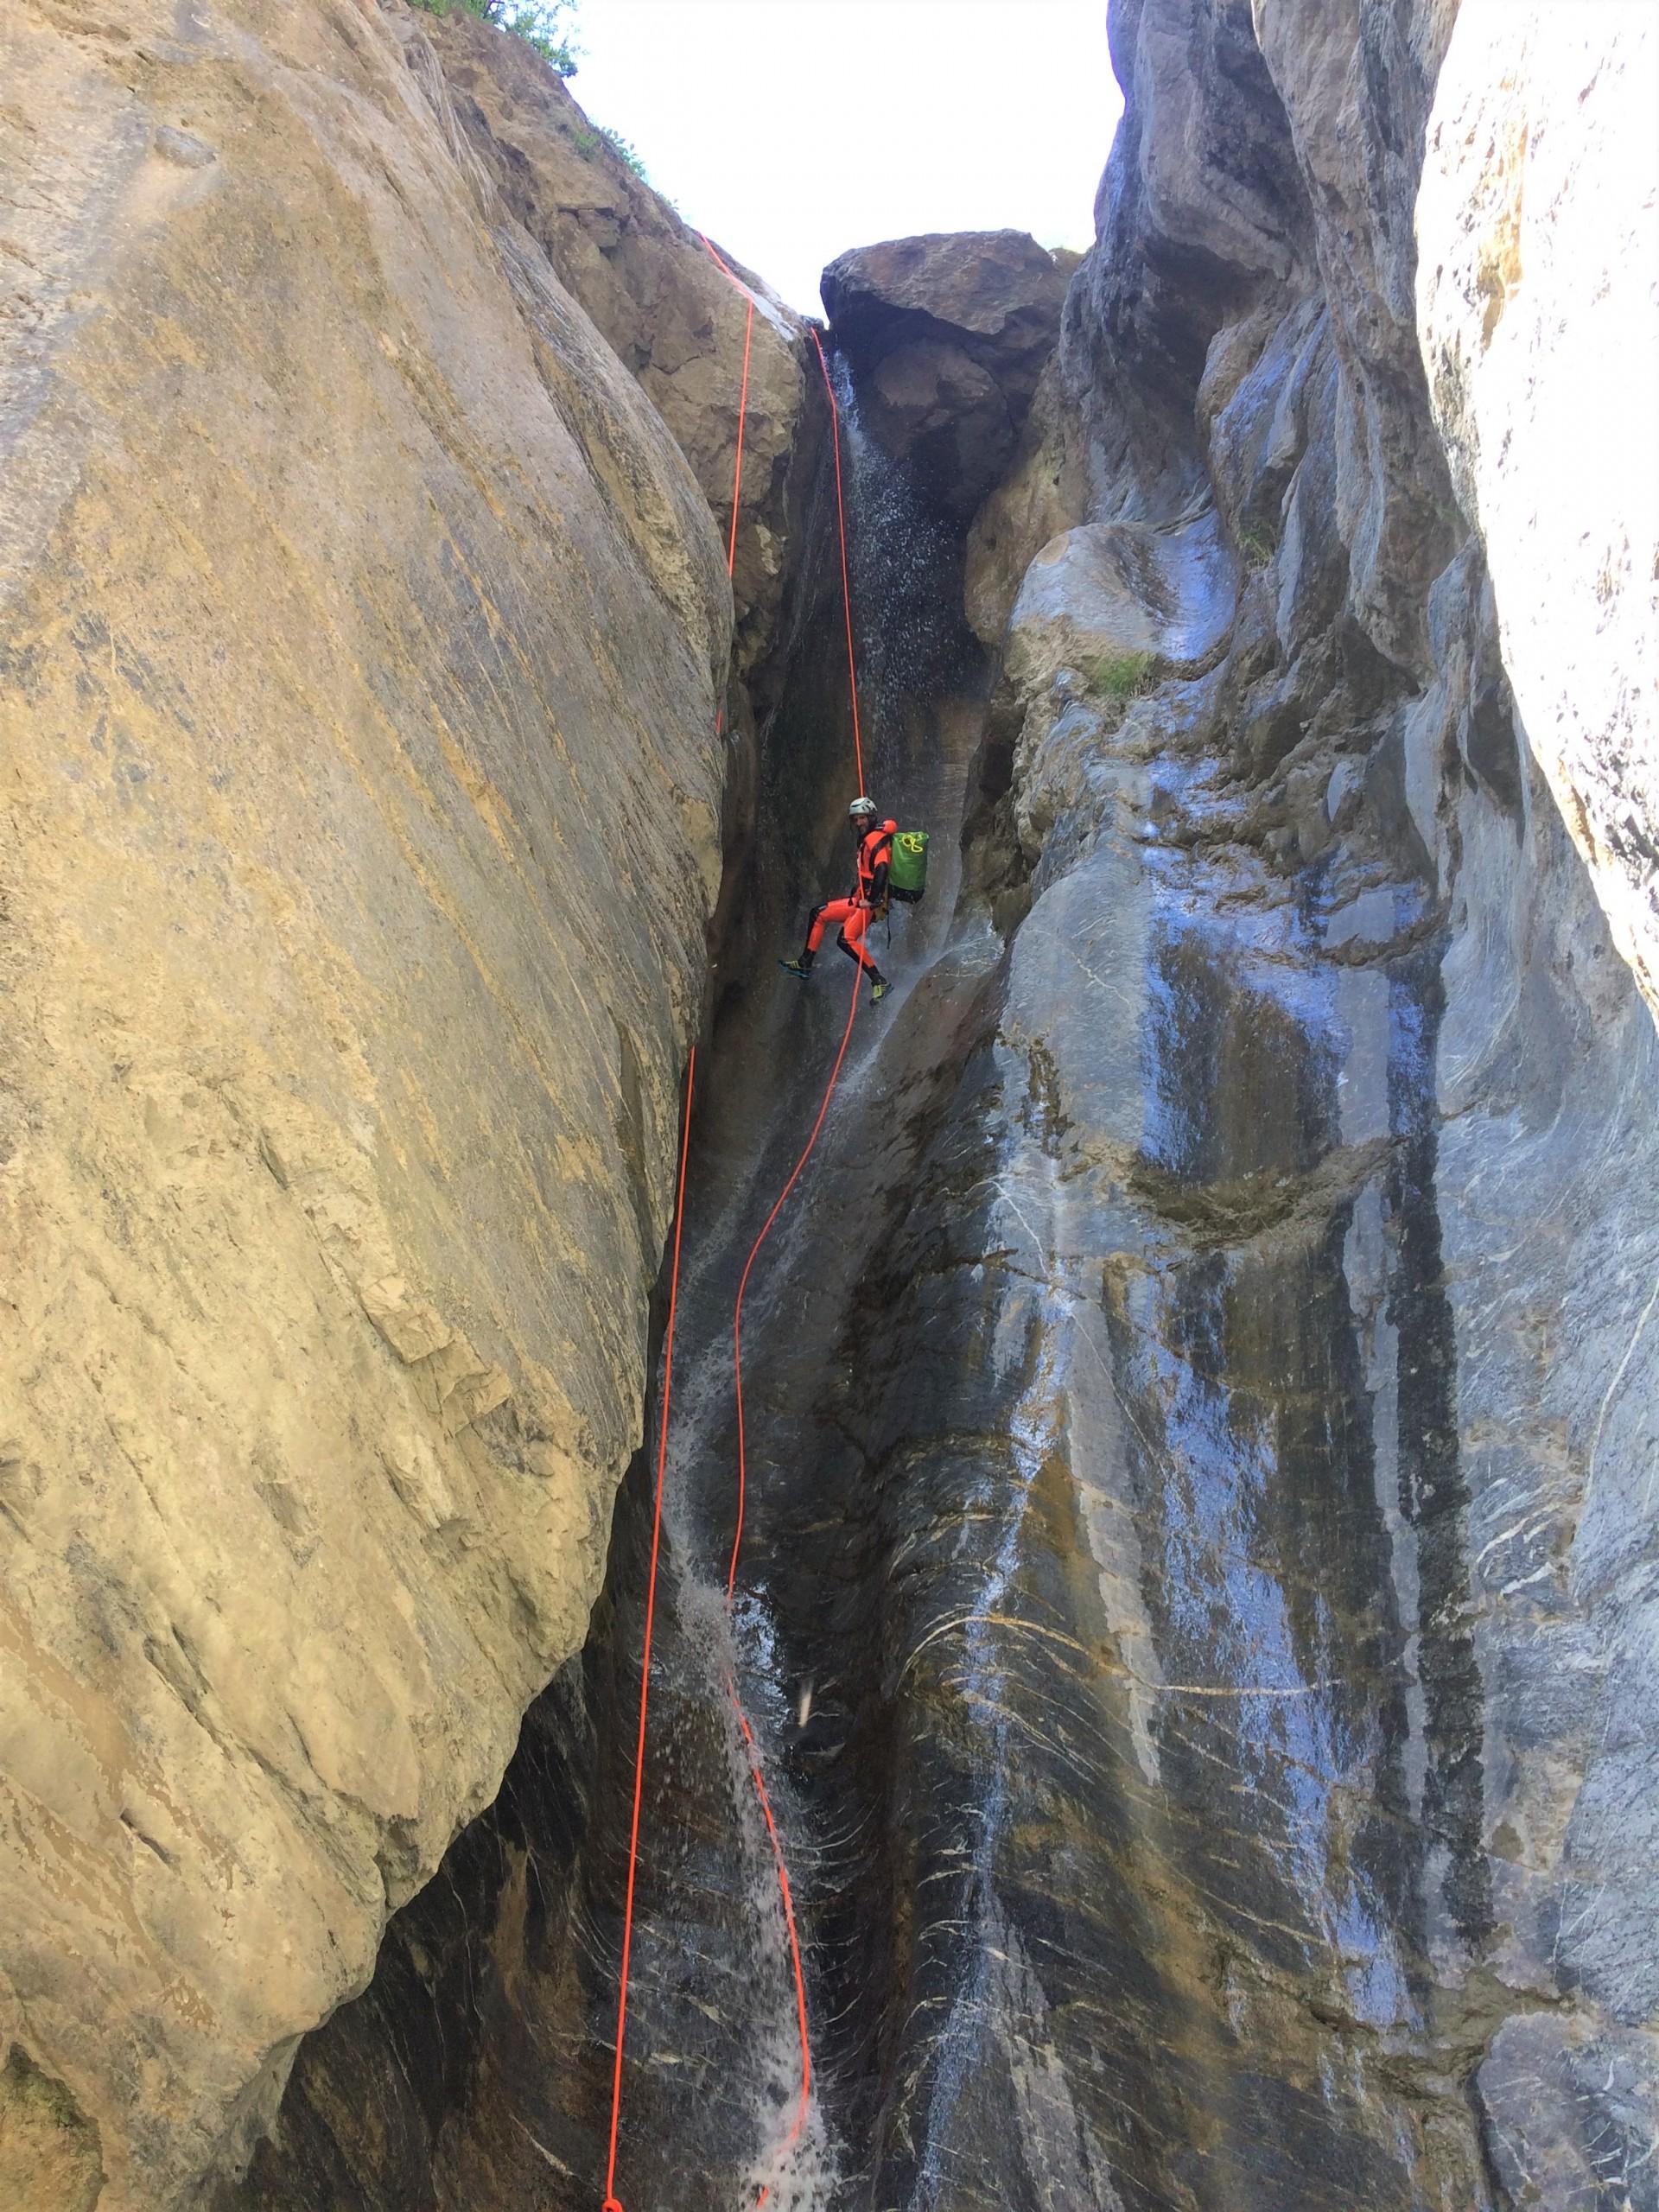 Un beau rappel dans le canyon de l'Enduchet